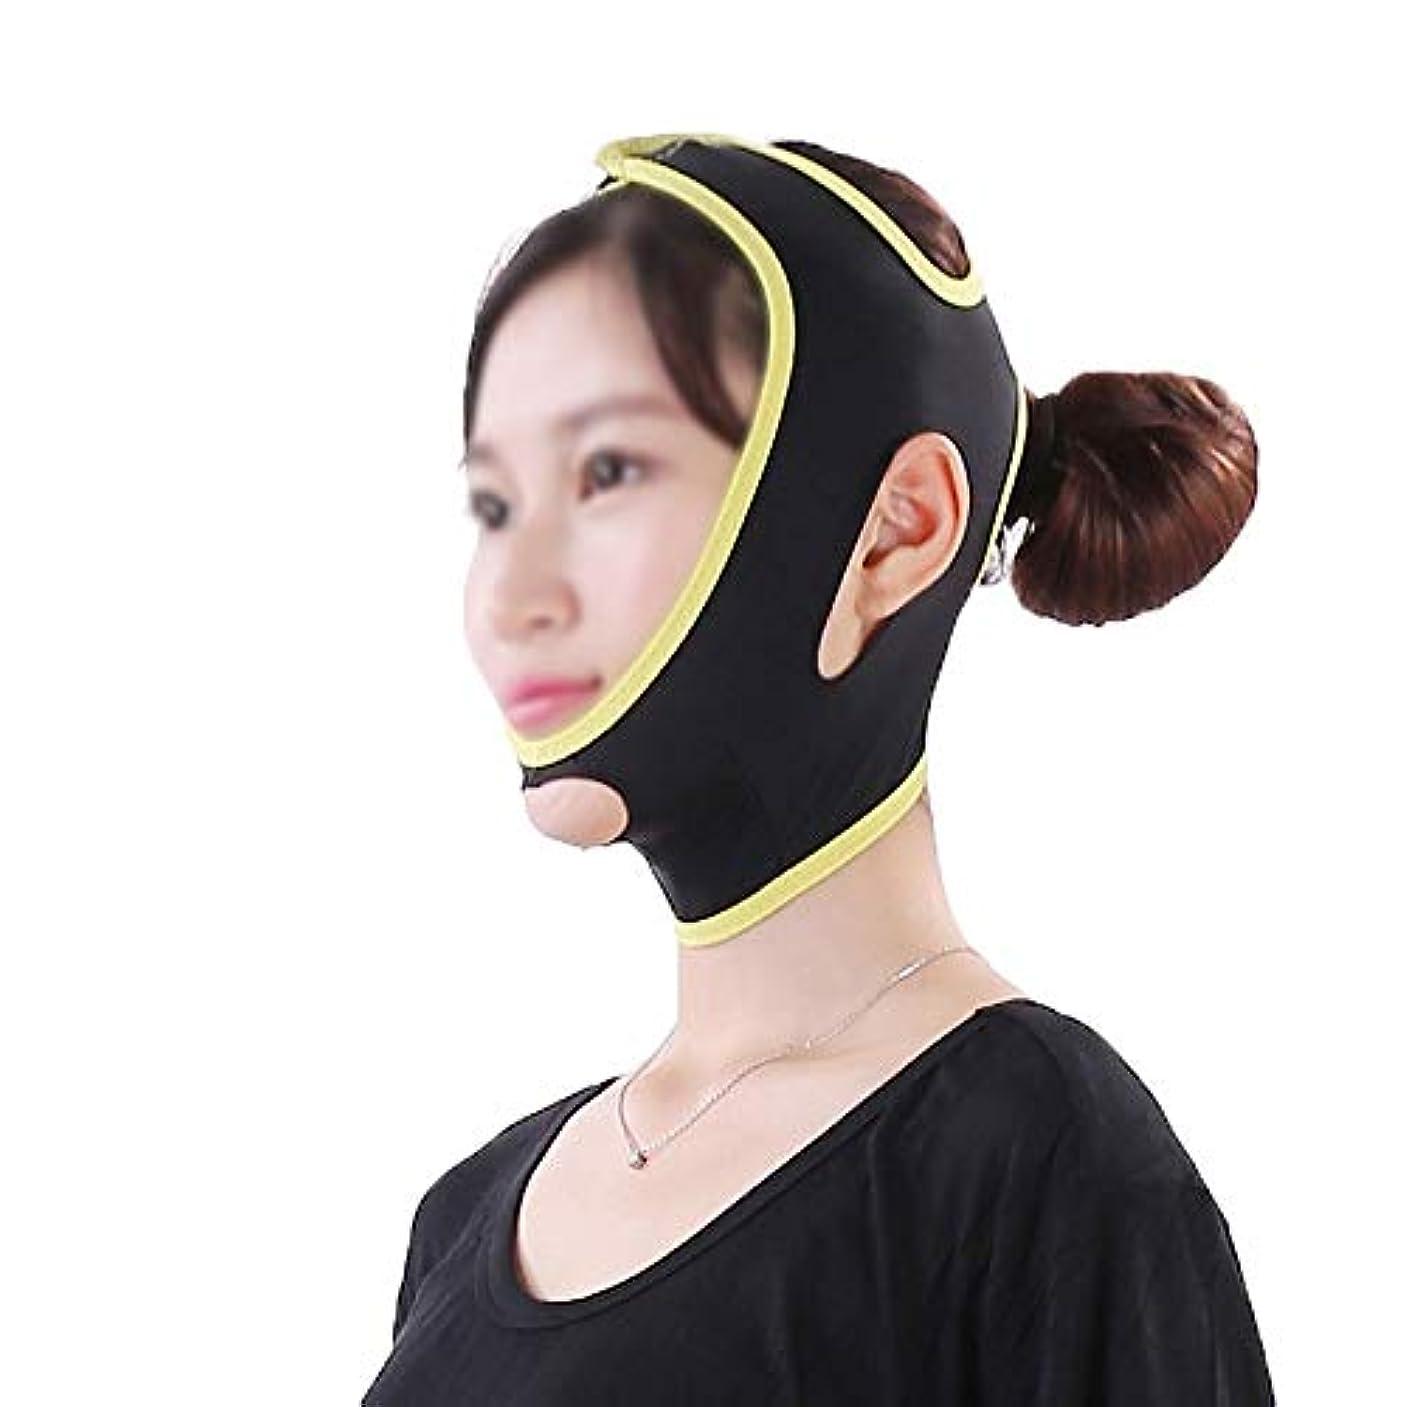 トライアスリート有効嵐が丘GLJJQMY フェイス&ネックリフトシンフェイスマスクパワフルマスクフェイスリフトアーチファクトフェイスリフトフェイスツールシンフェイス包帯シンフェイスマスク美容マスク 顔用整形マスク (Size : L)